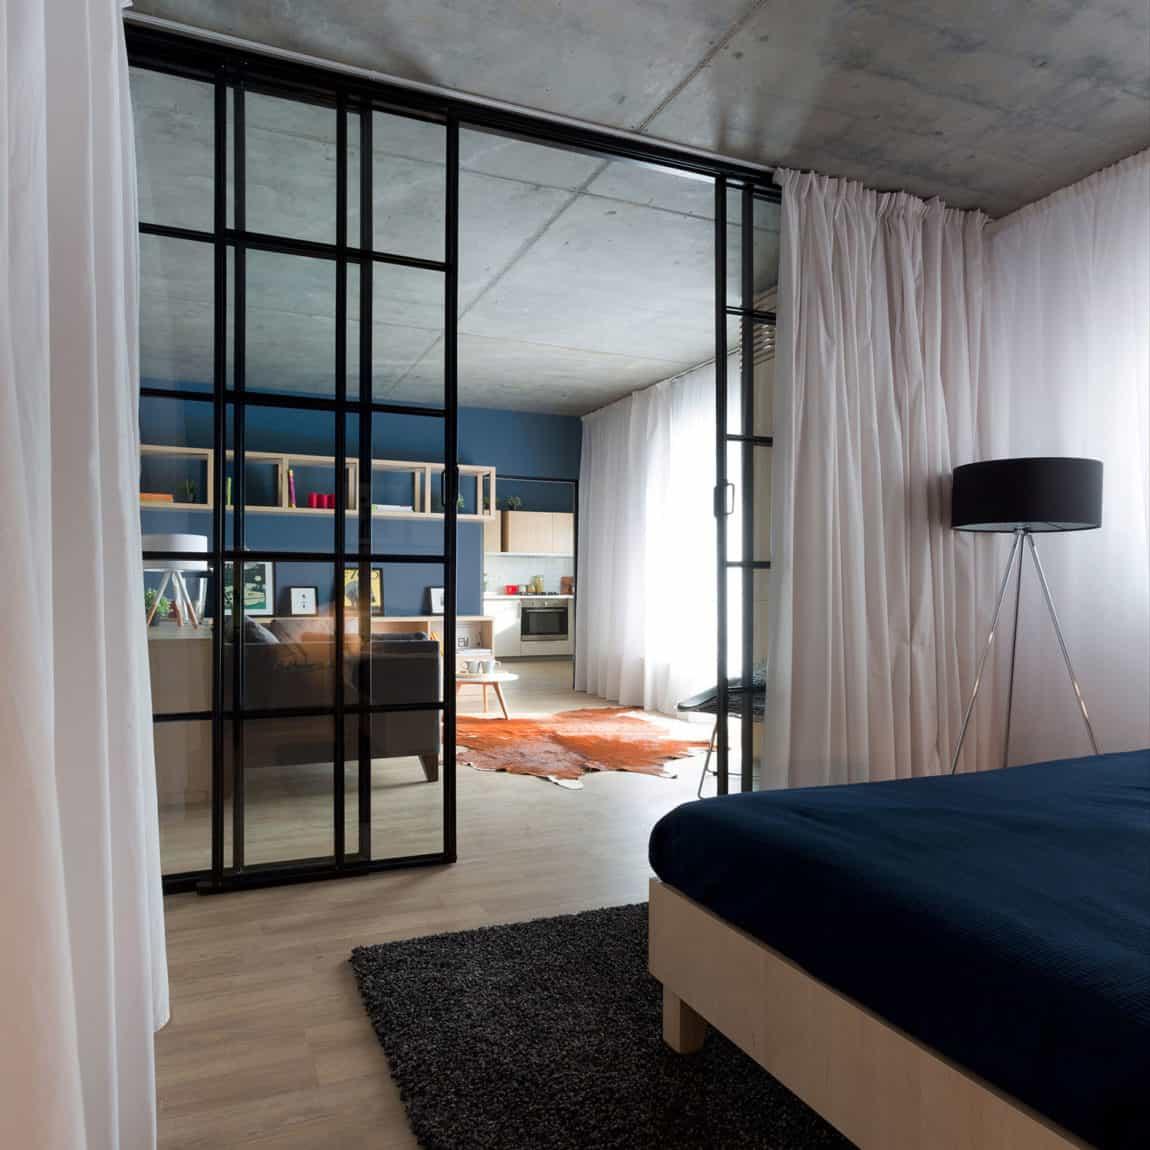 Apartment No. 3 by Bogdan Ciocodeică & Diana Roşu (15)